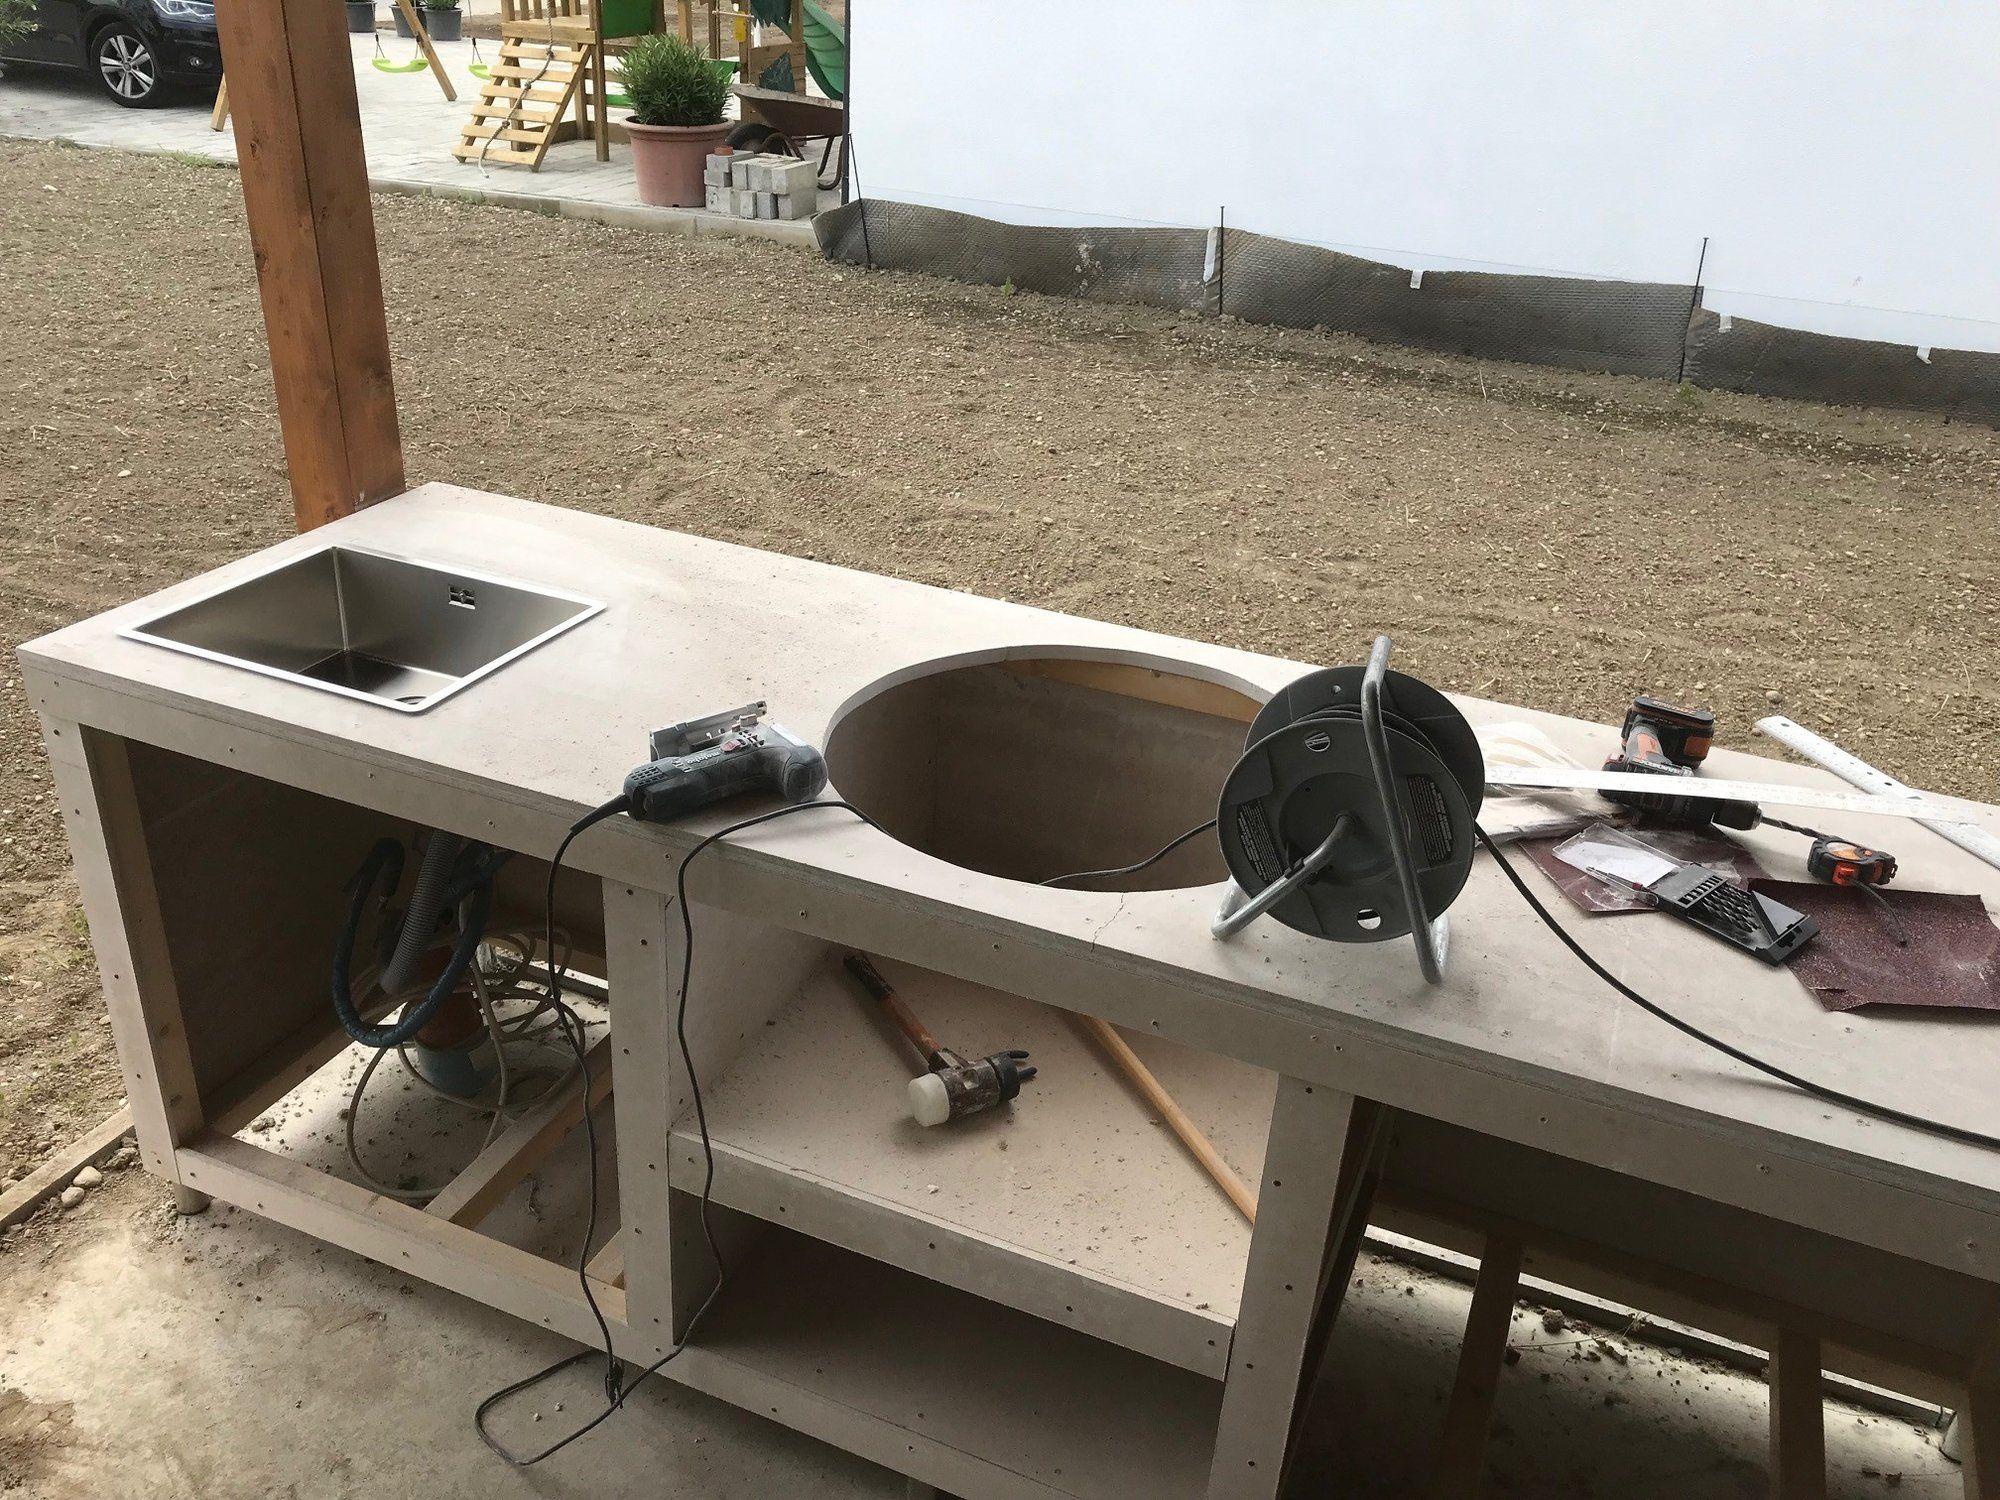 Meine Aussenkuche In Holzstanderbauweise Grillforum Und Bbq Www Grillsportverein De Outdoor Grill Kuche Outdoor Kuche Selber Bauen Kuche Selber Bauen